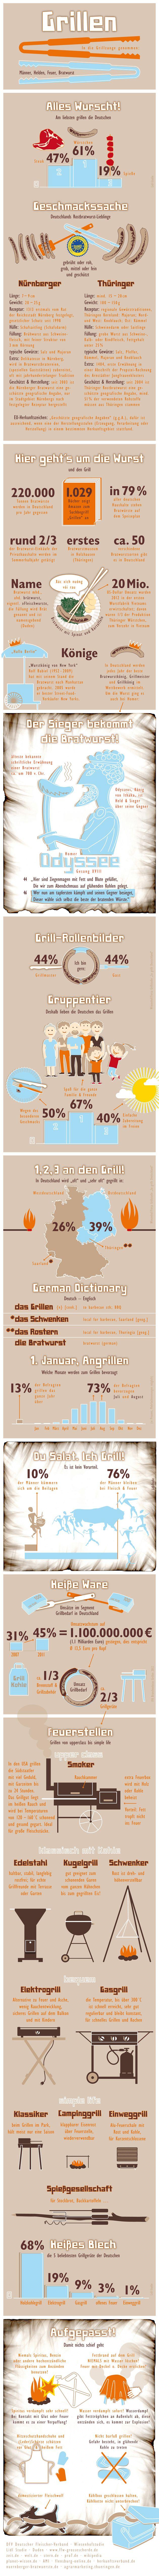 Thema Grillen, mit Schwerpunkten zur Thüringer und Nürnberger Bratwurst. Zeigt Grillgeräte vom Smoker bis Einweggrill + Tipps zum Grillen mit Feuer